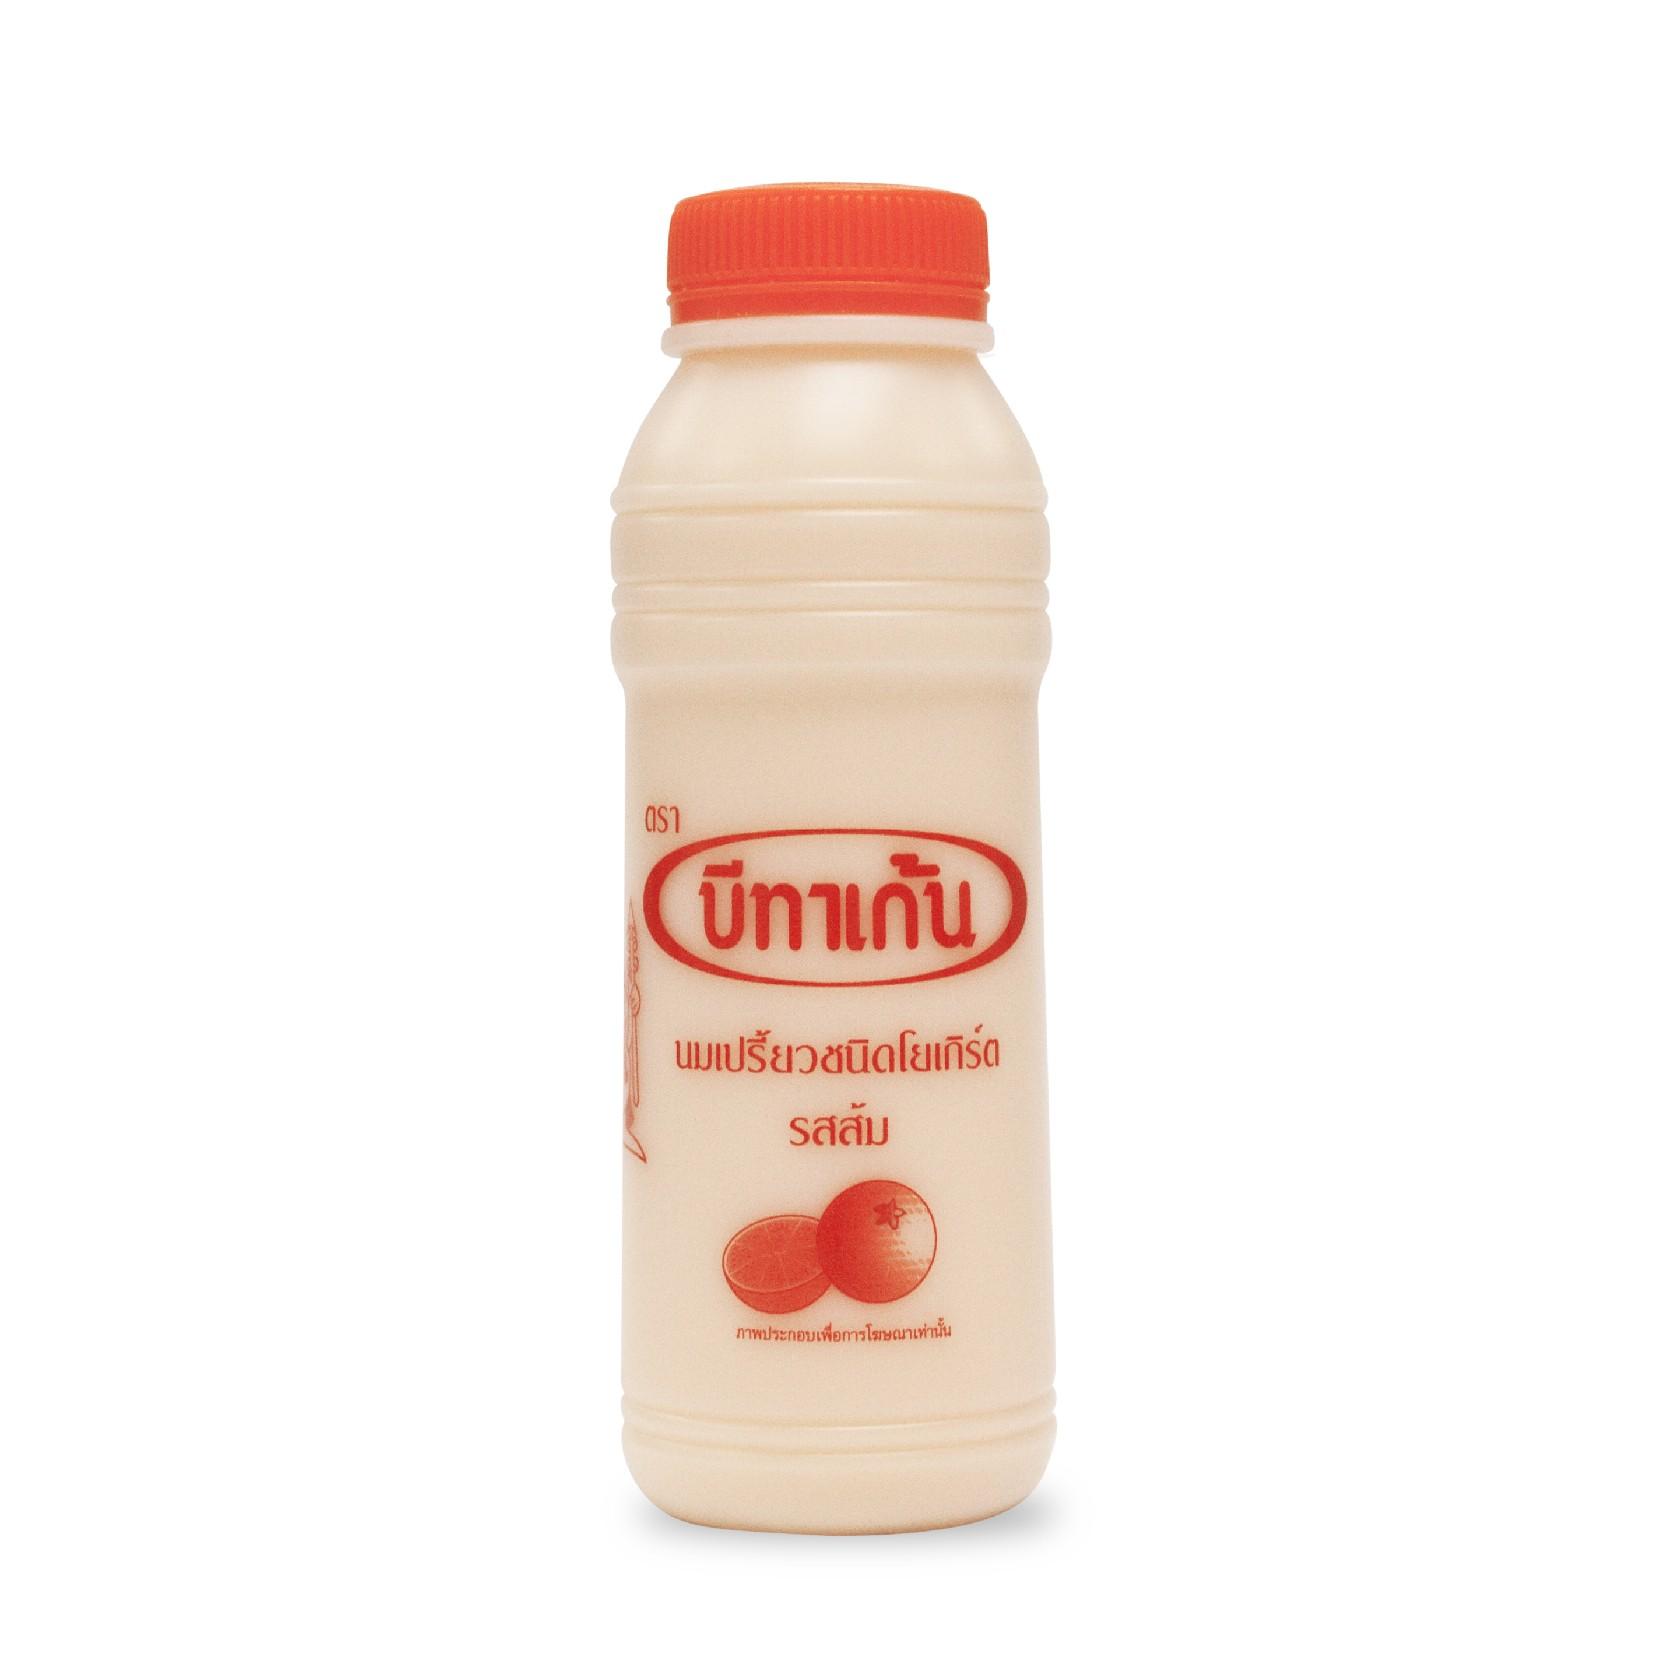 นมเปรี้ยวบีทาเก้นรสส้ม